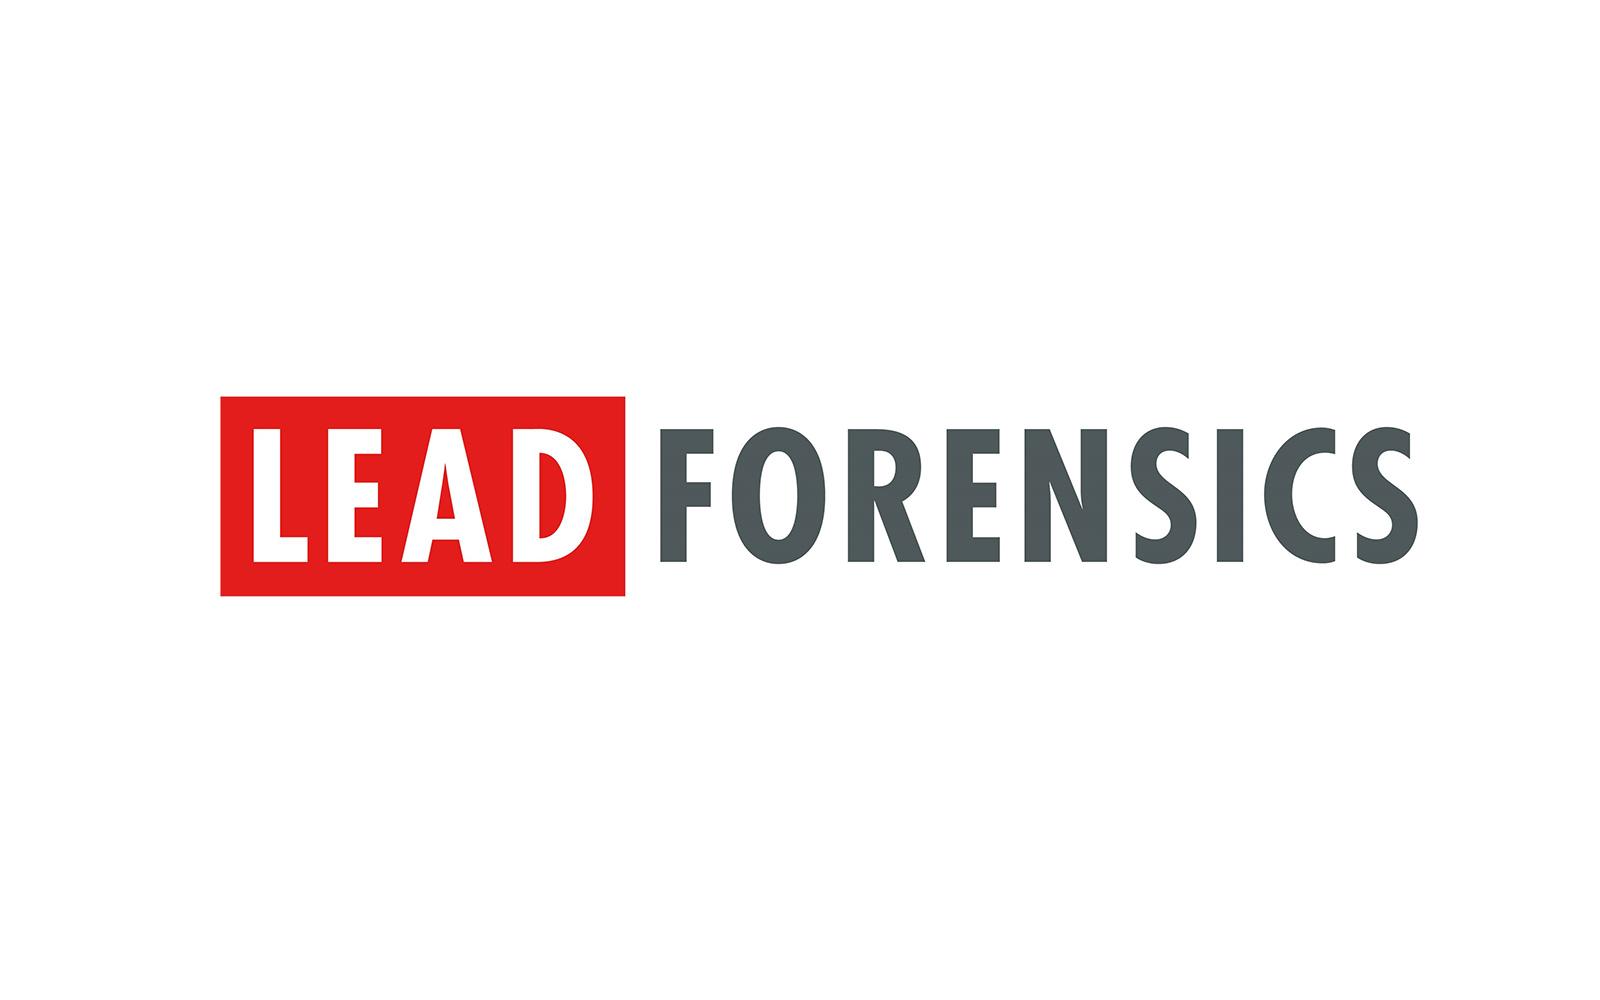 Lead Forensics 1